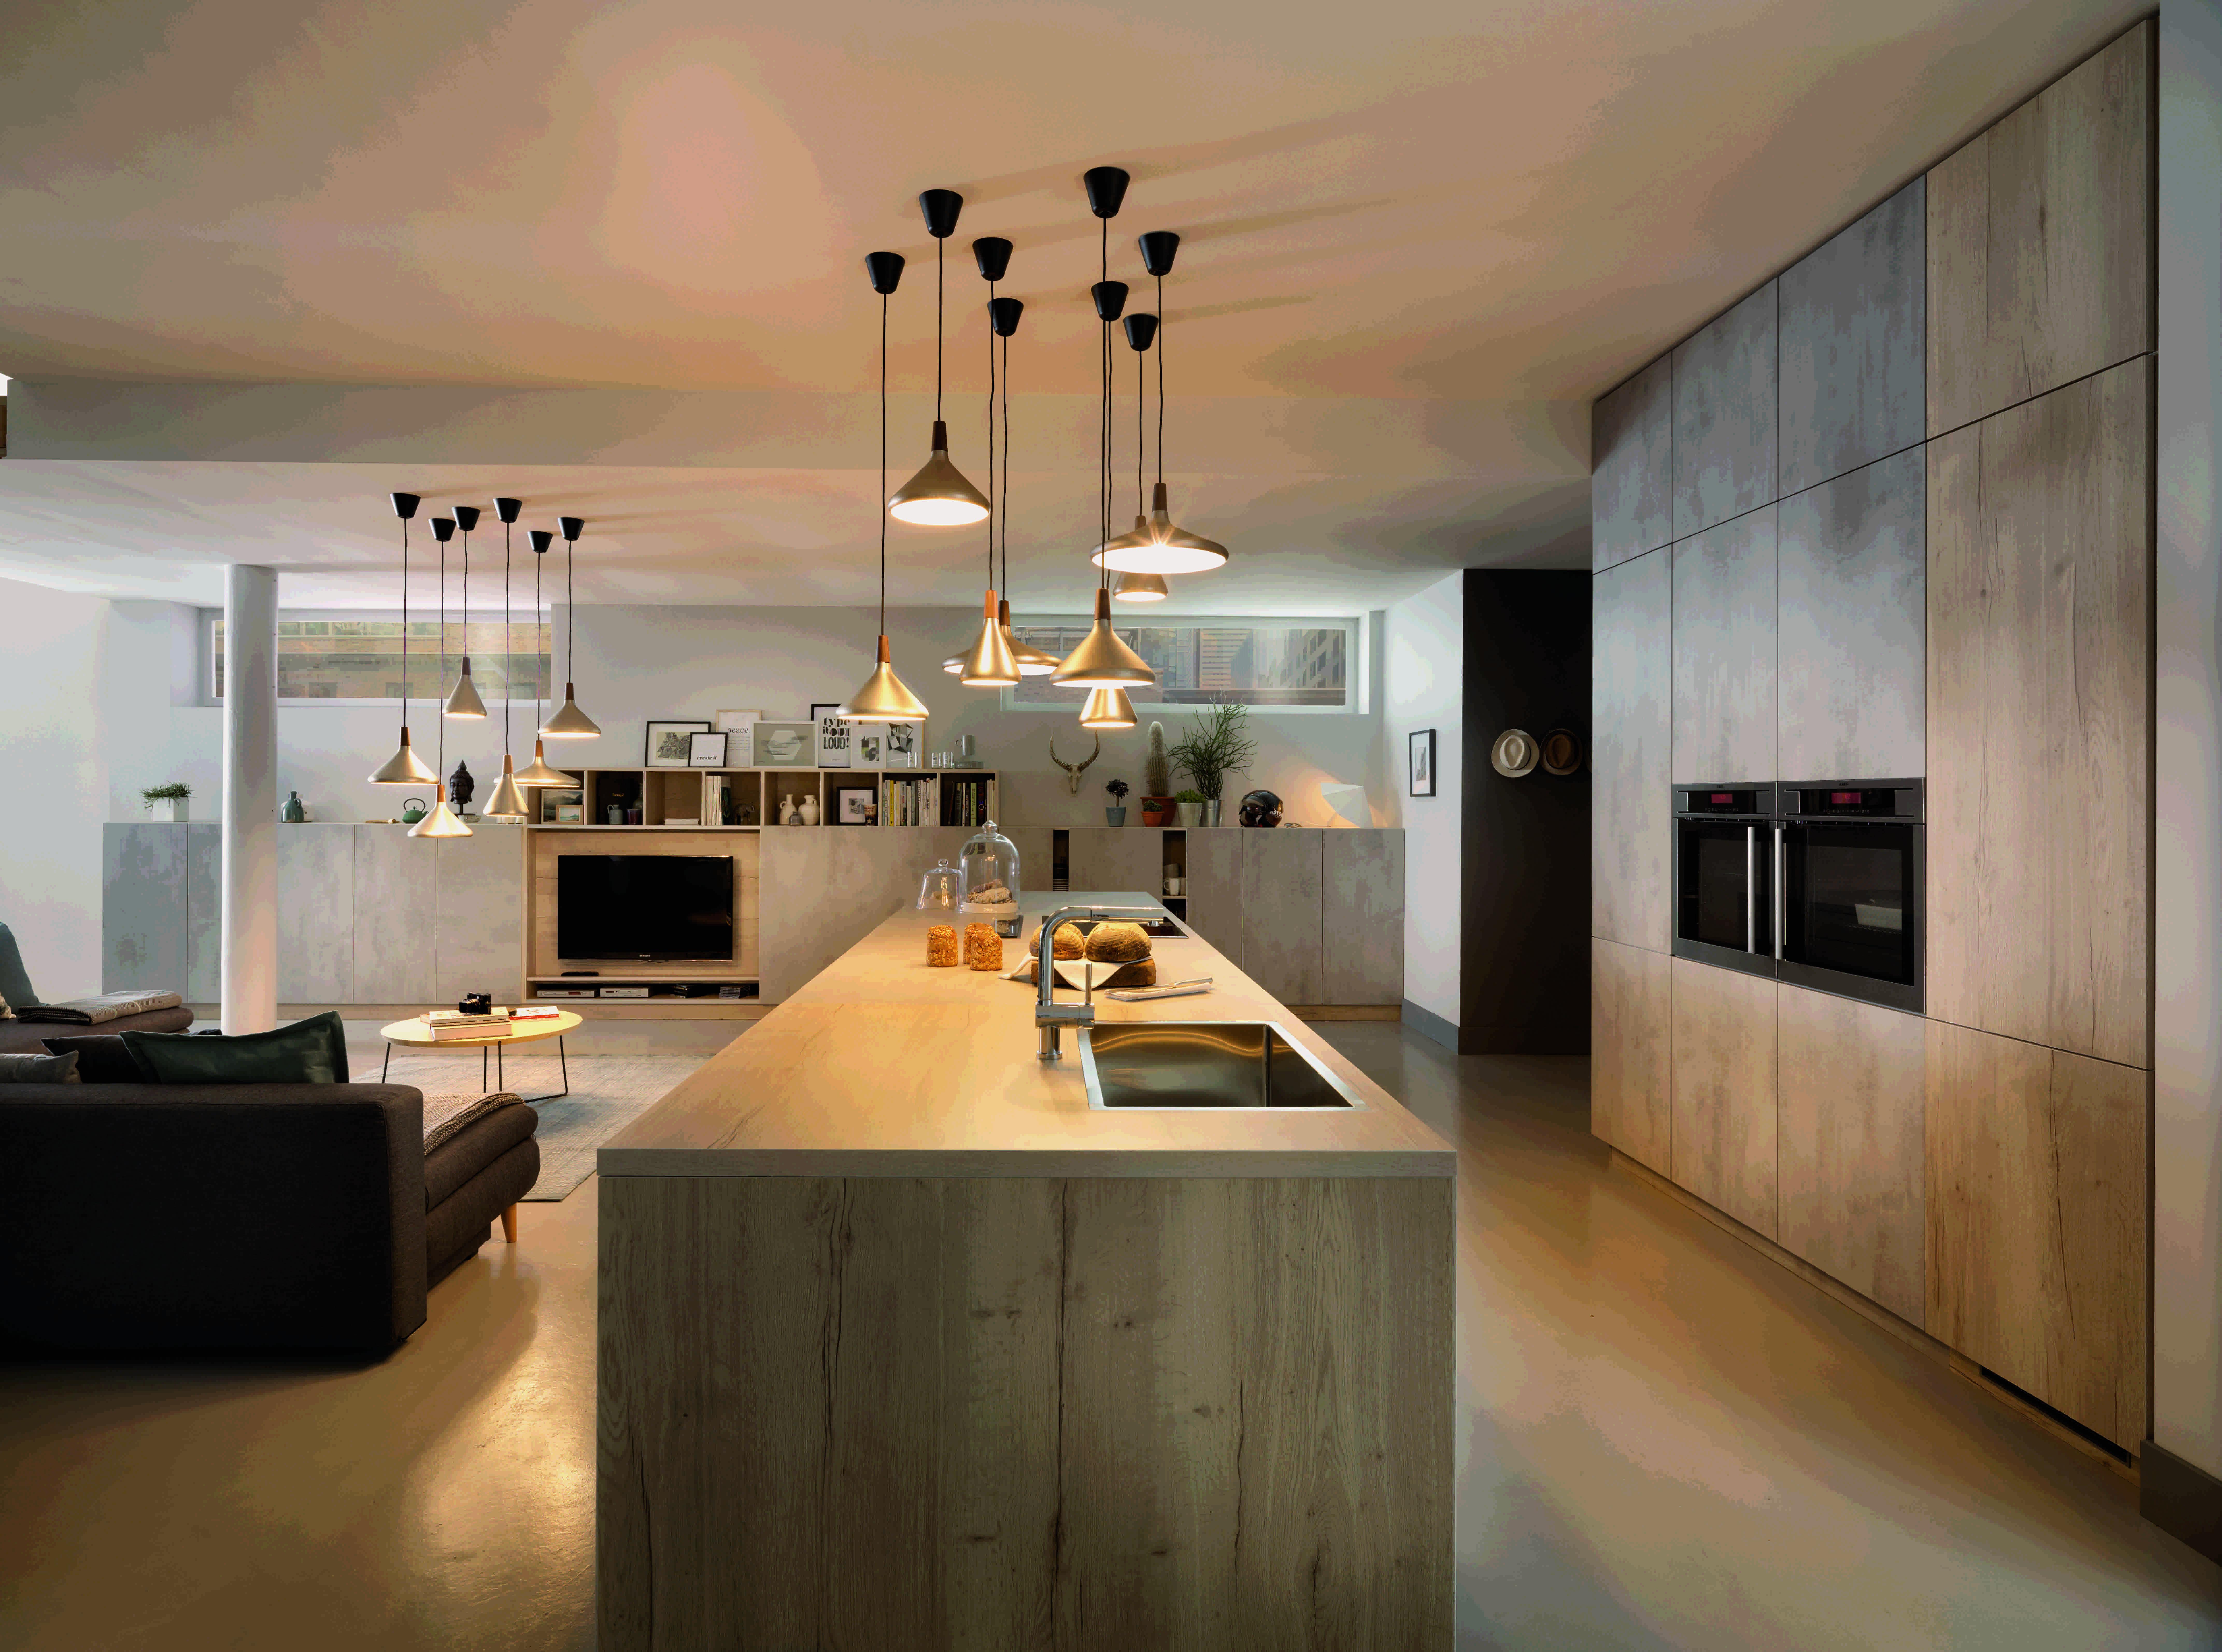 les nouveautés cuisine schmidt 2016 en images | photos, cuisine et ... - Evier Cuisine Schmidt